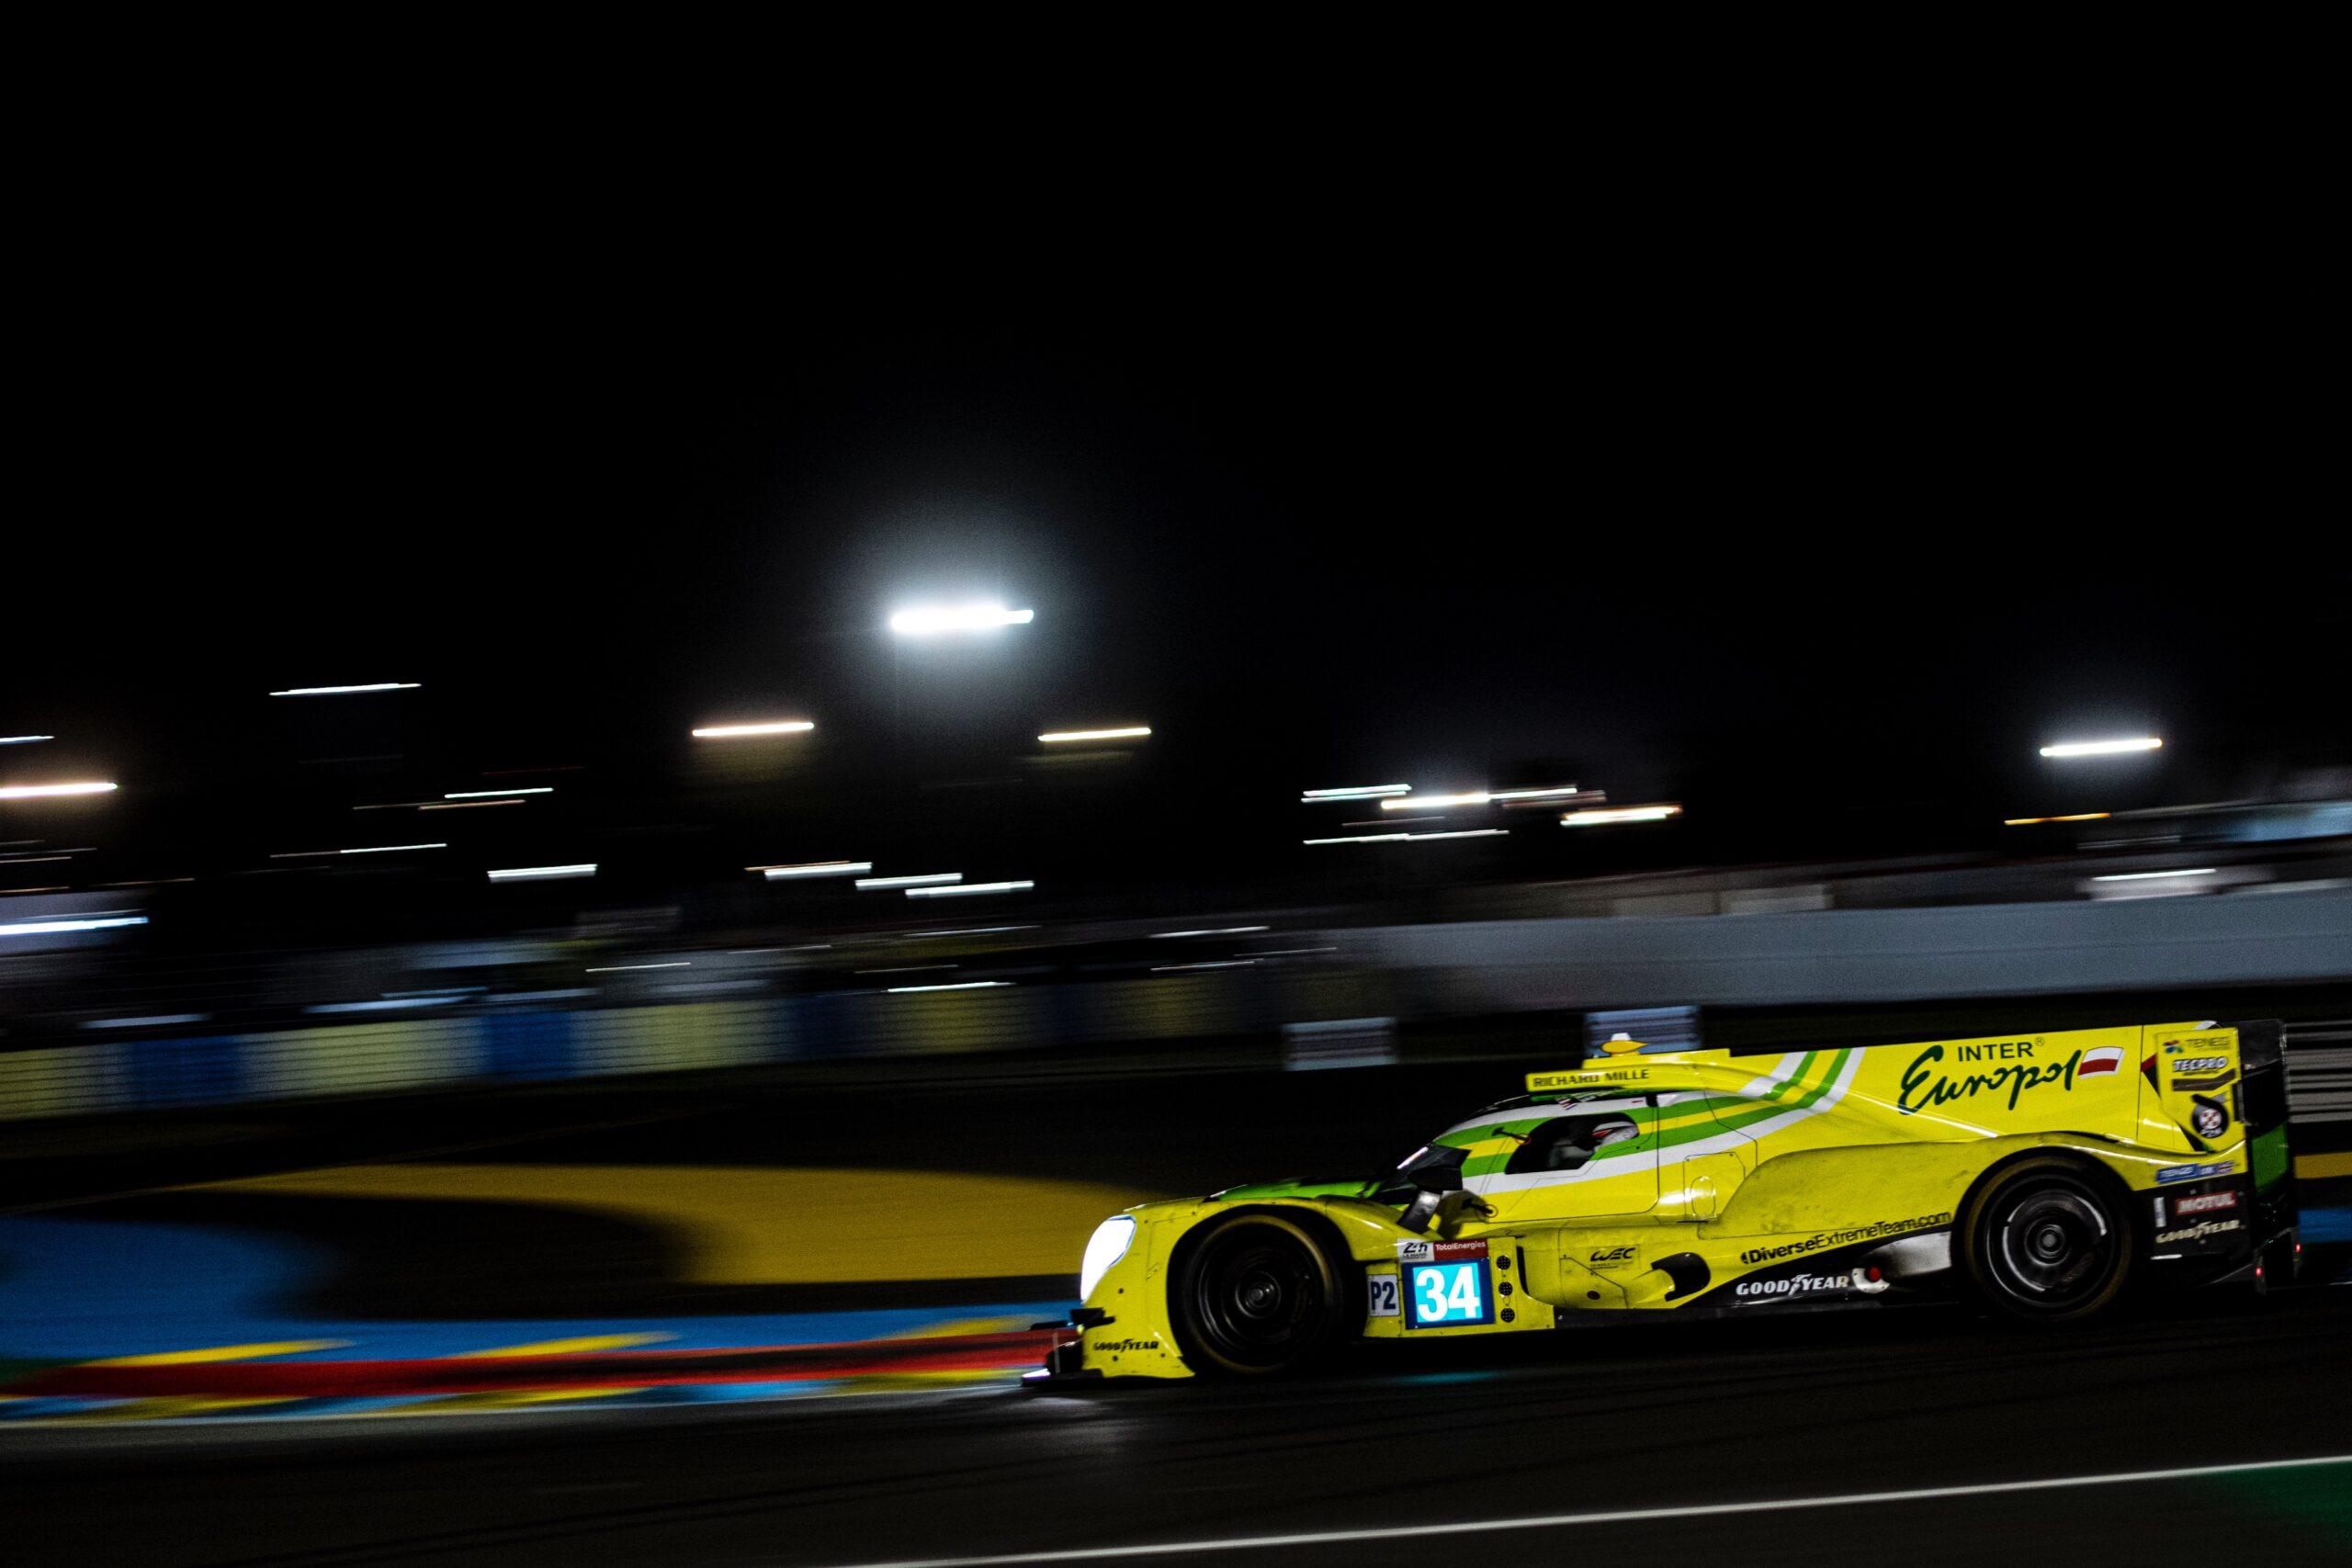 Inter Europol Competition podczas FP4 przed 24h Le Mans